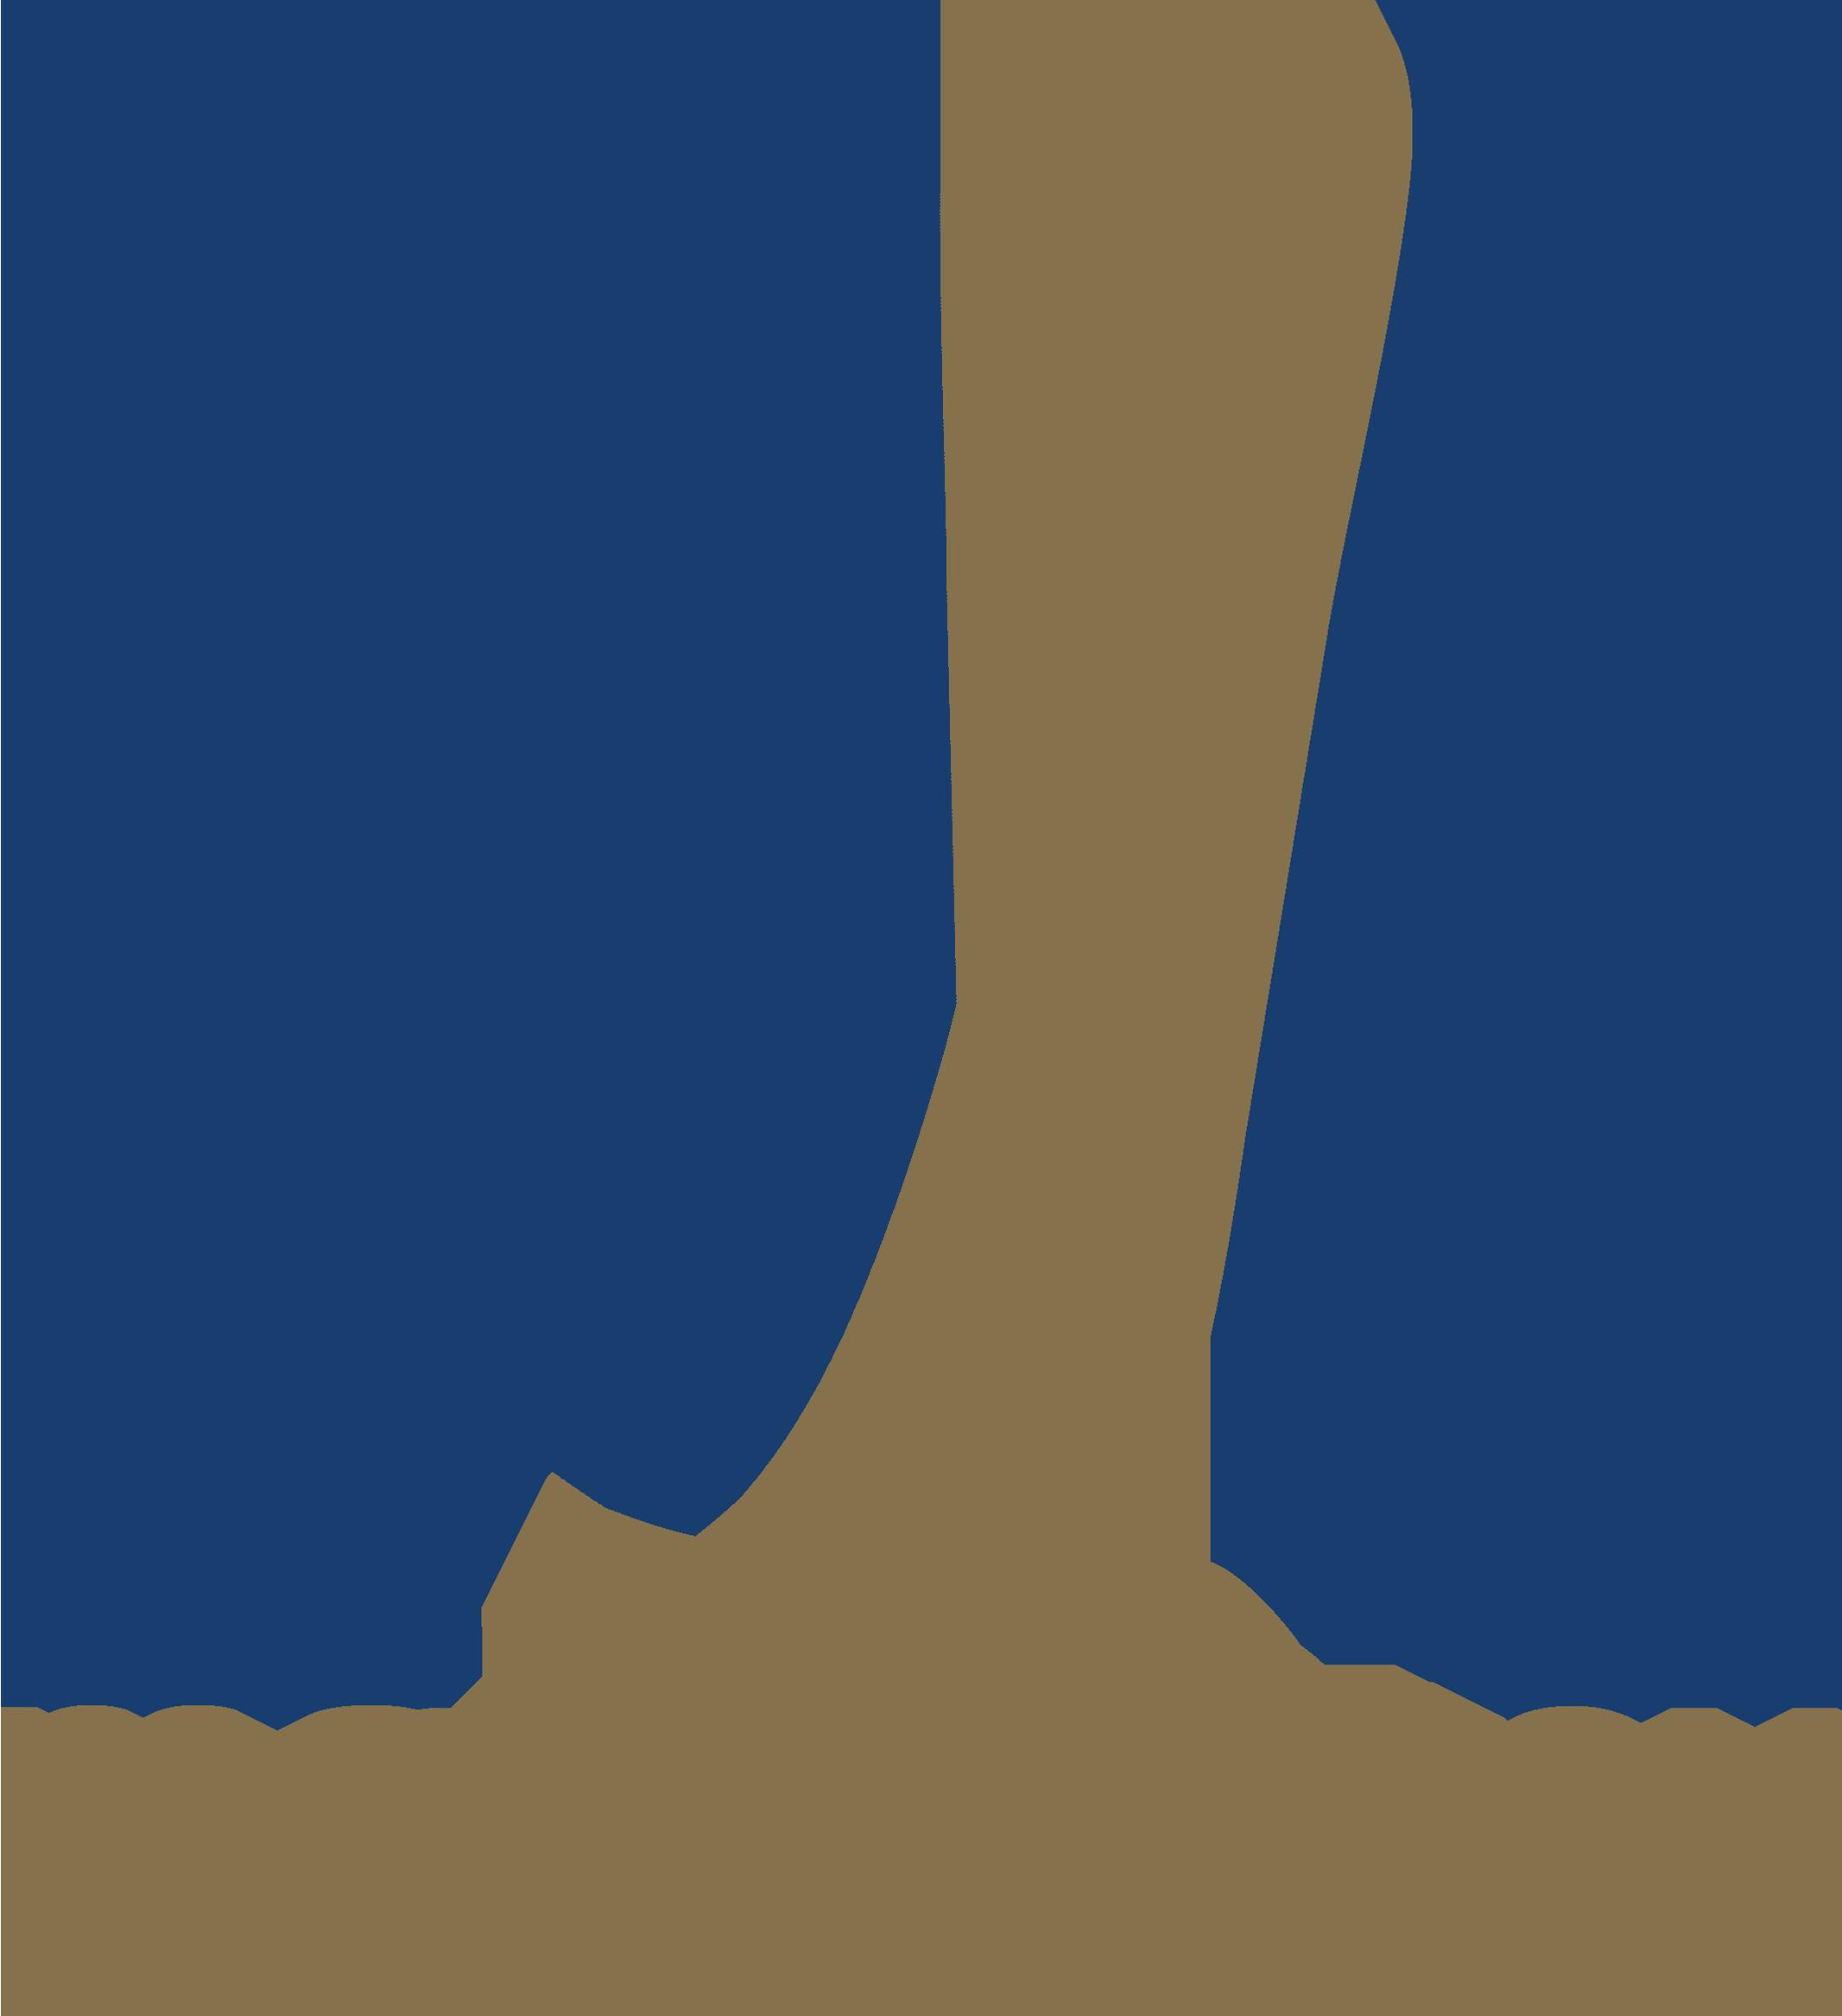 MARJOMOTEX II CONFEÇOES LDA